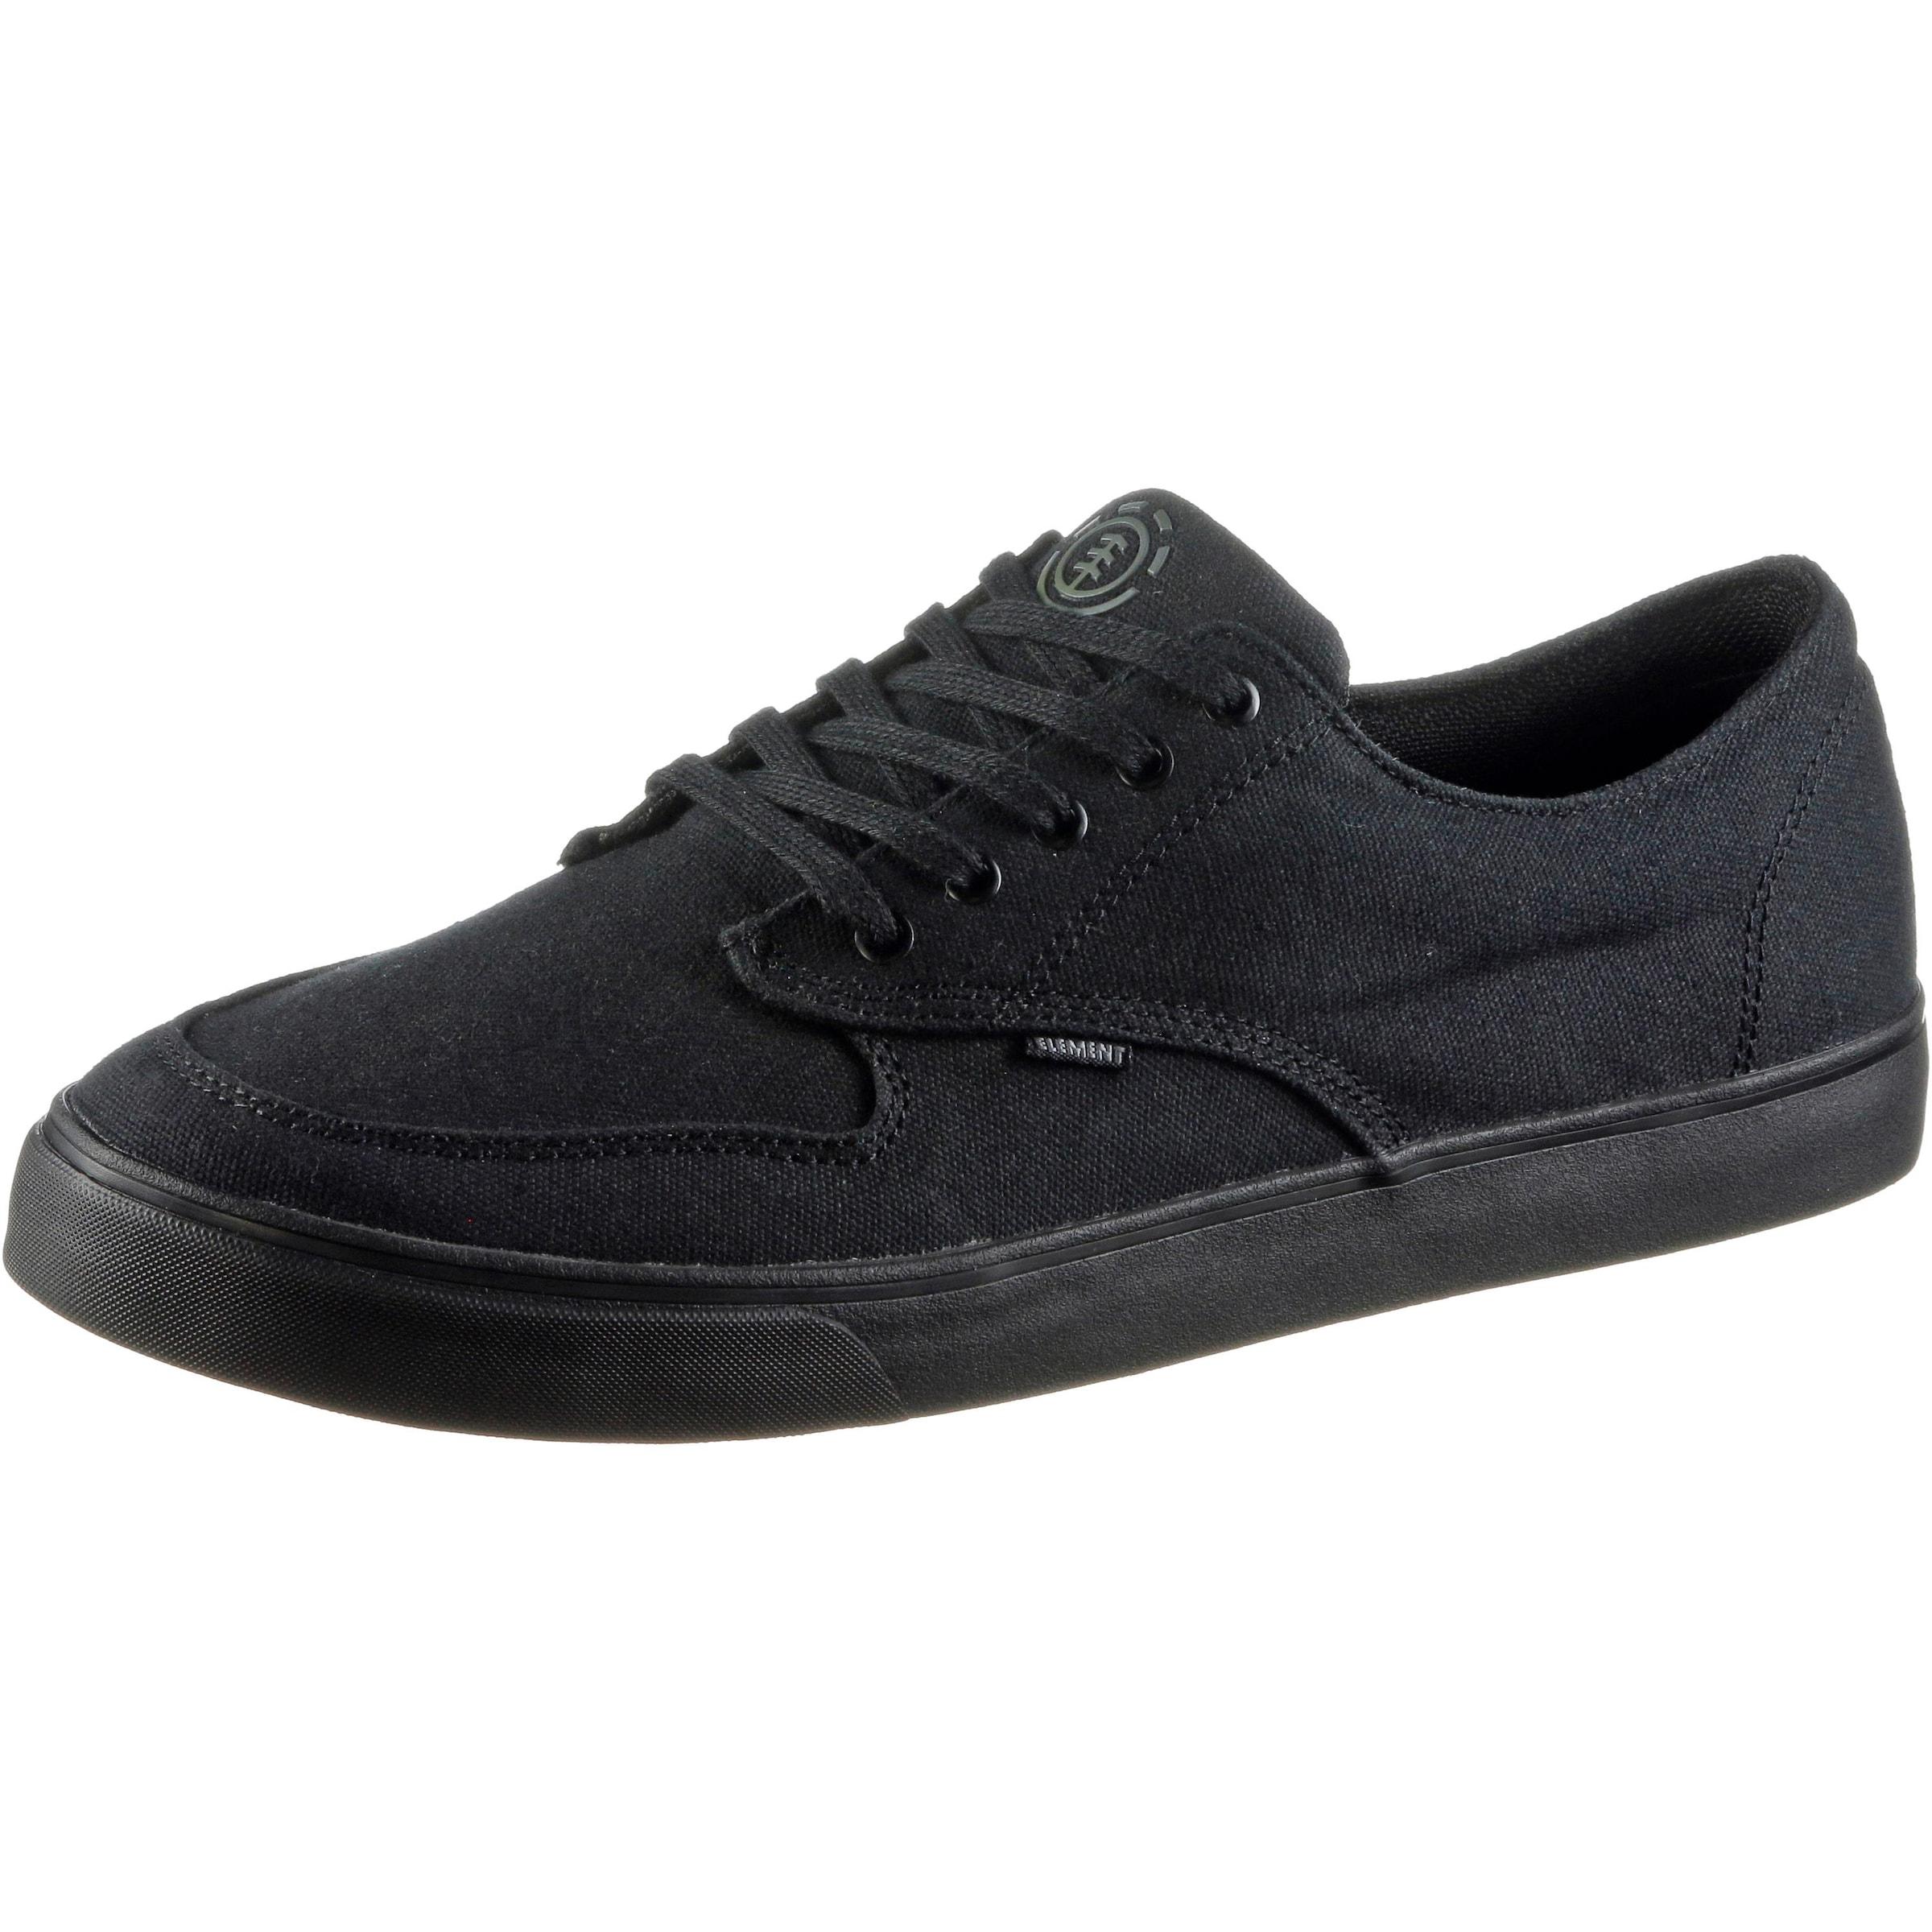 ELEMENT TOPAZ C3 Sneaker Verschleißfeste billige Schuhe